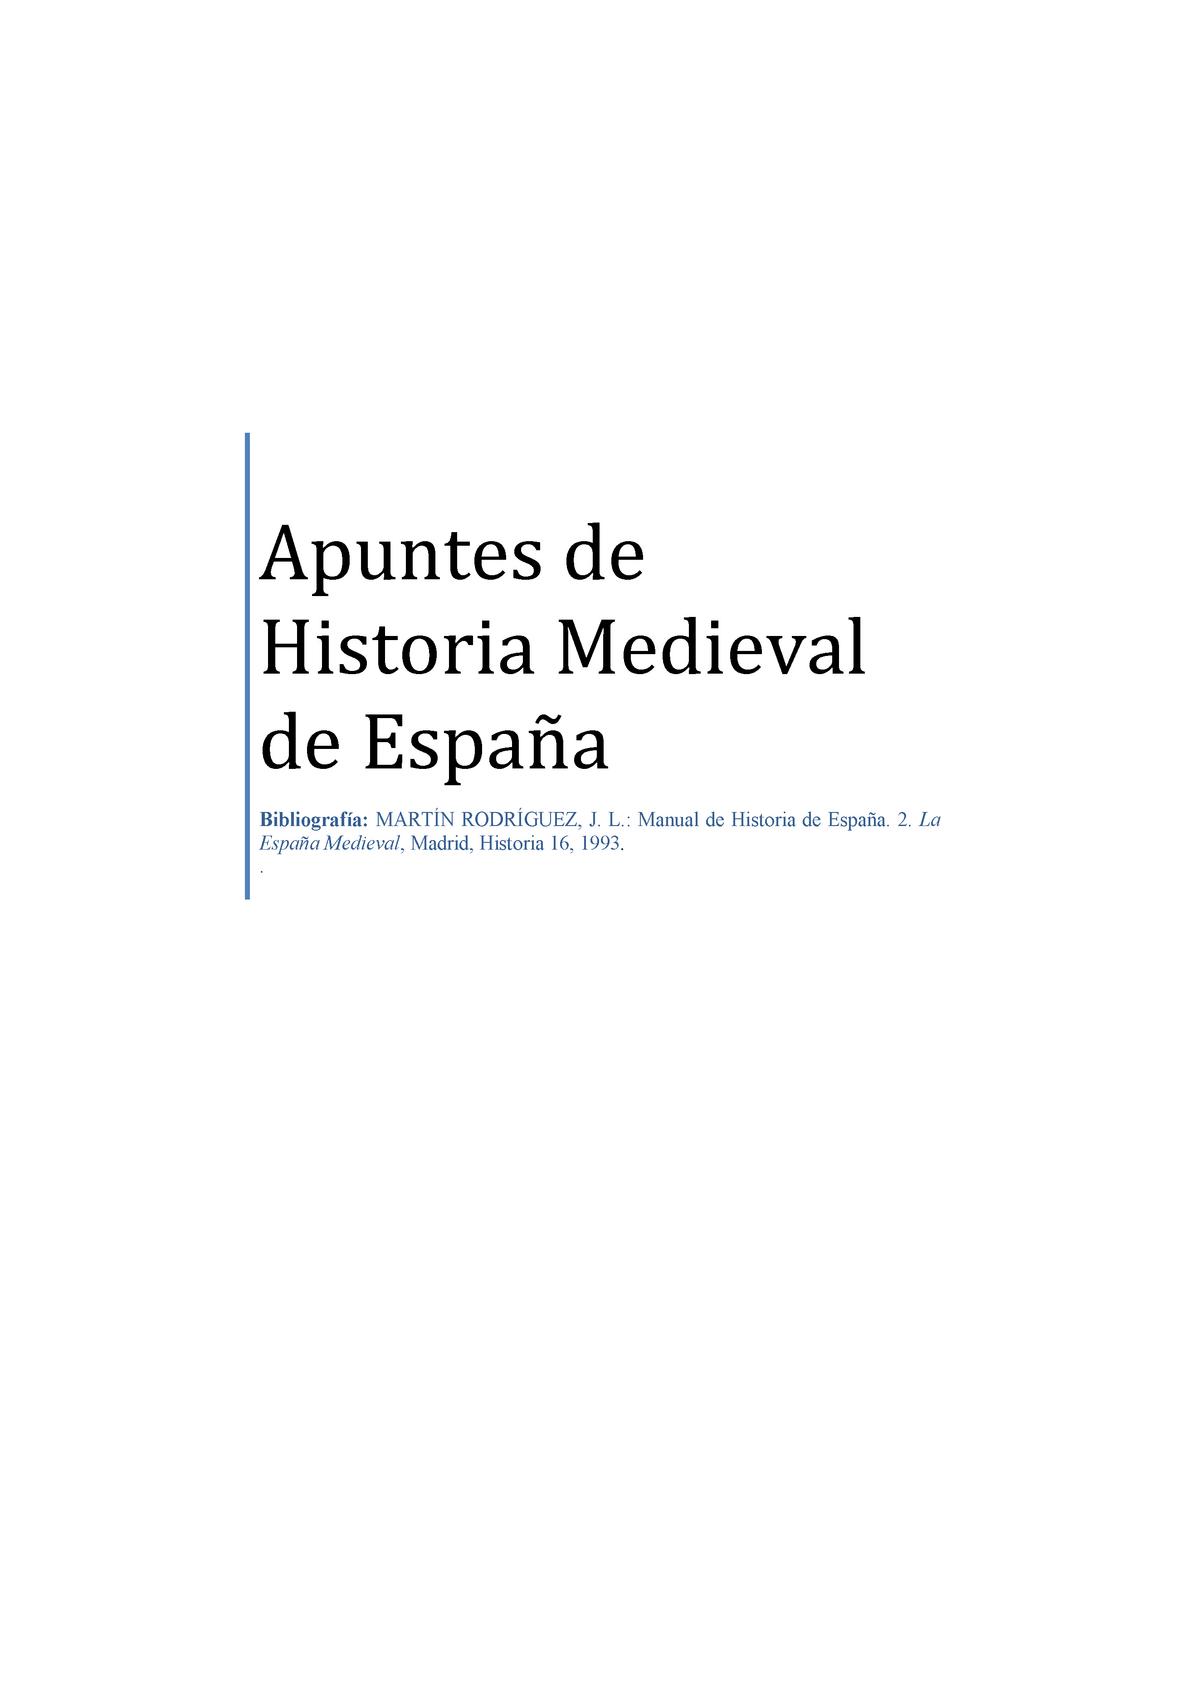 Apuntes De Historia Medieval De Espana Manual J L Martin